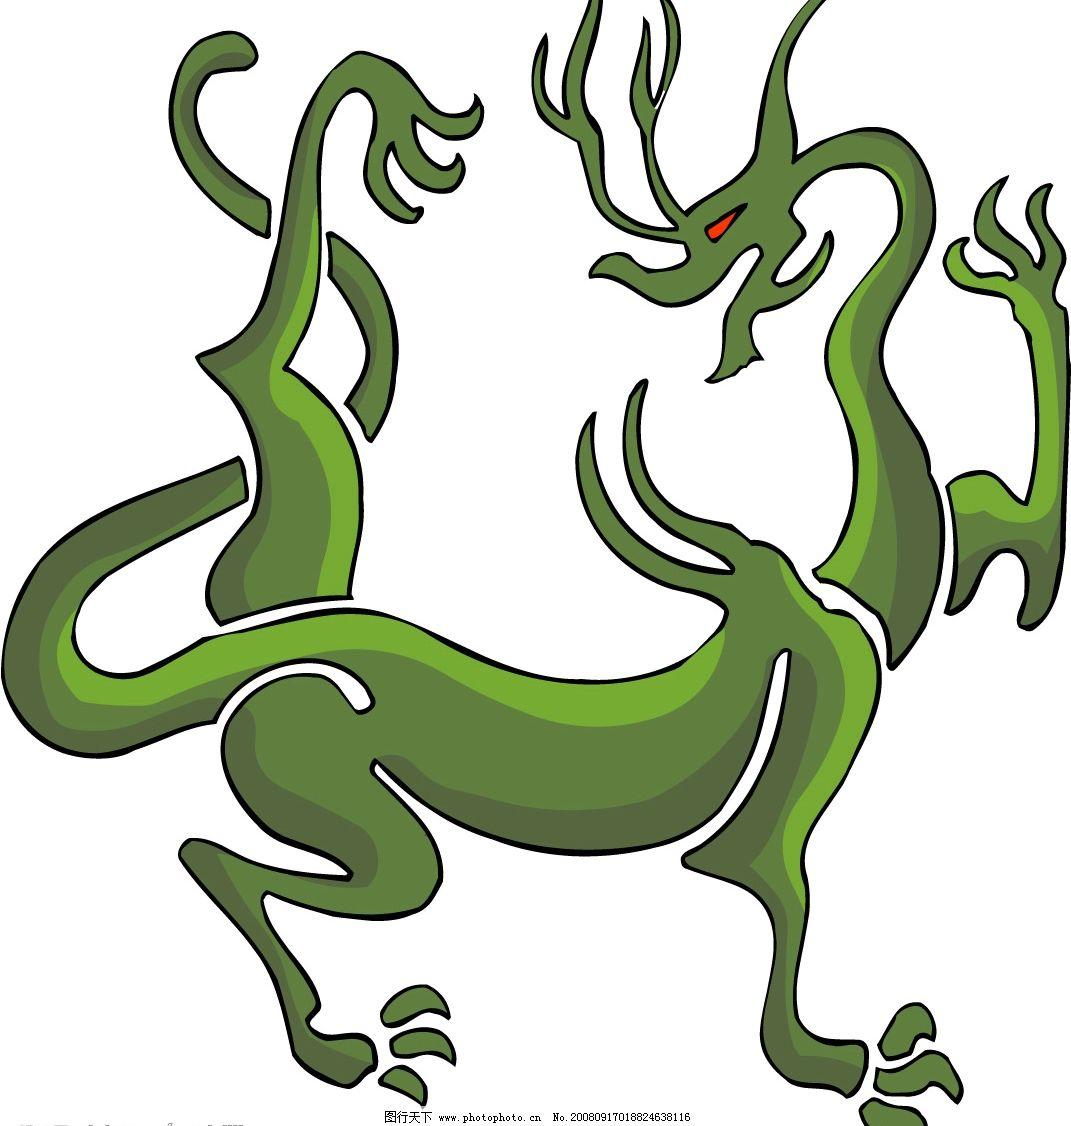 古代图腾图片3 图腾 动物 龙 文化艺术 传统文化 矢量图库 ai